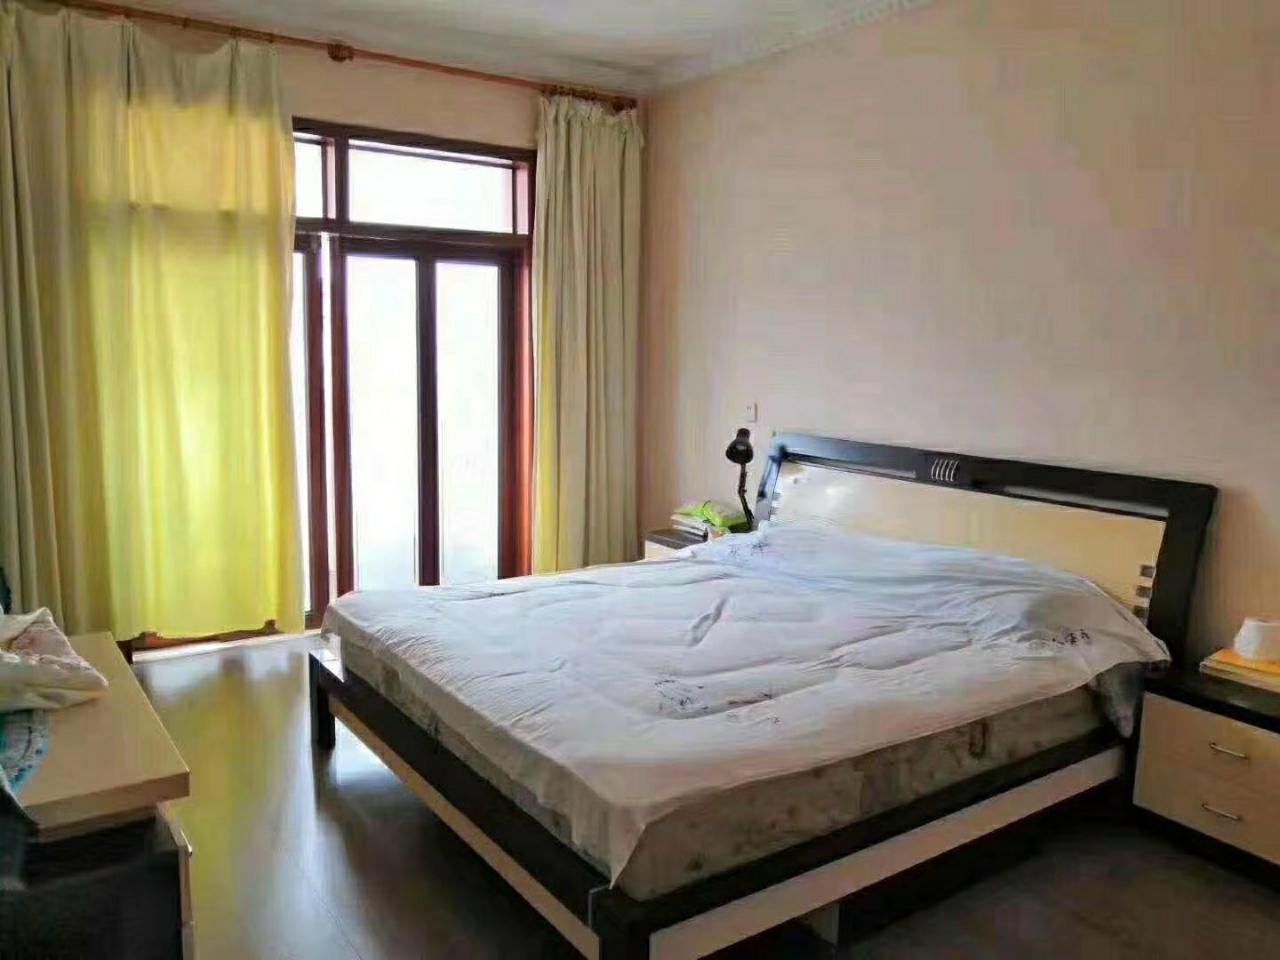 花燈廣場3室 2廳 2衛優質樓梯房49.8萬元